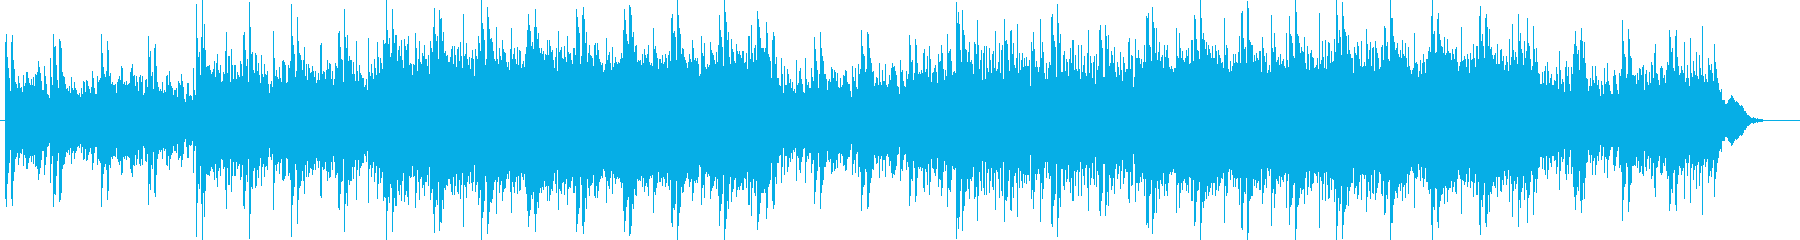 怪しいバックミュージックの再生済みの波形